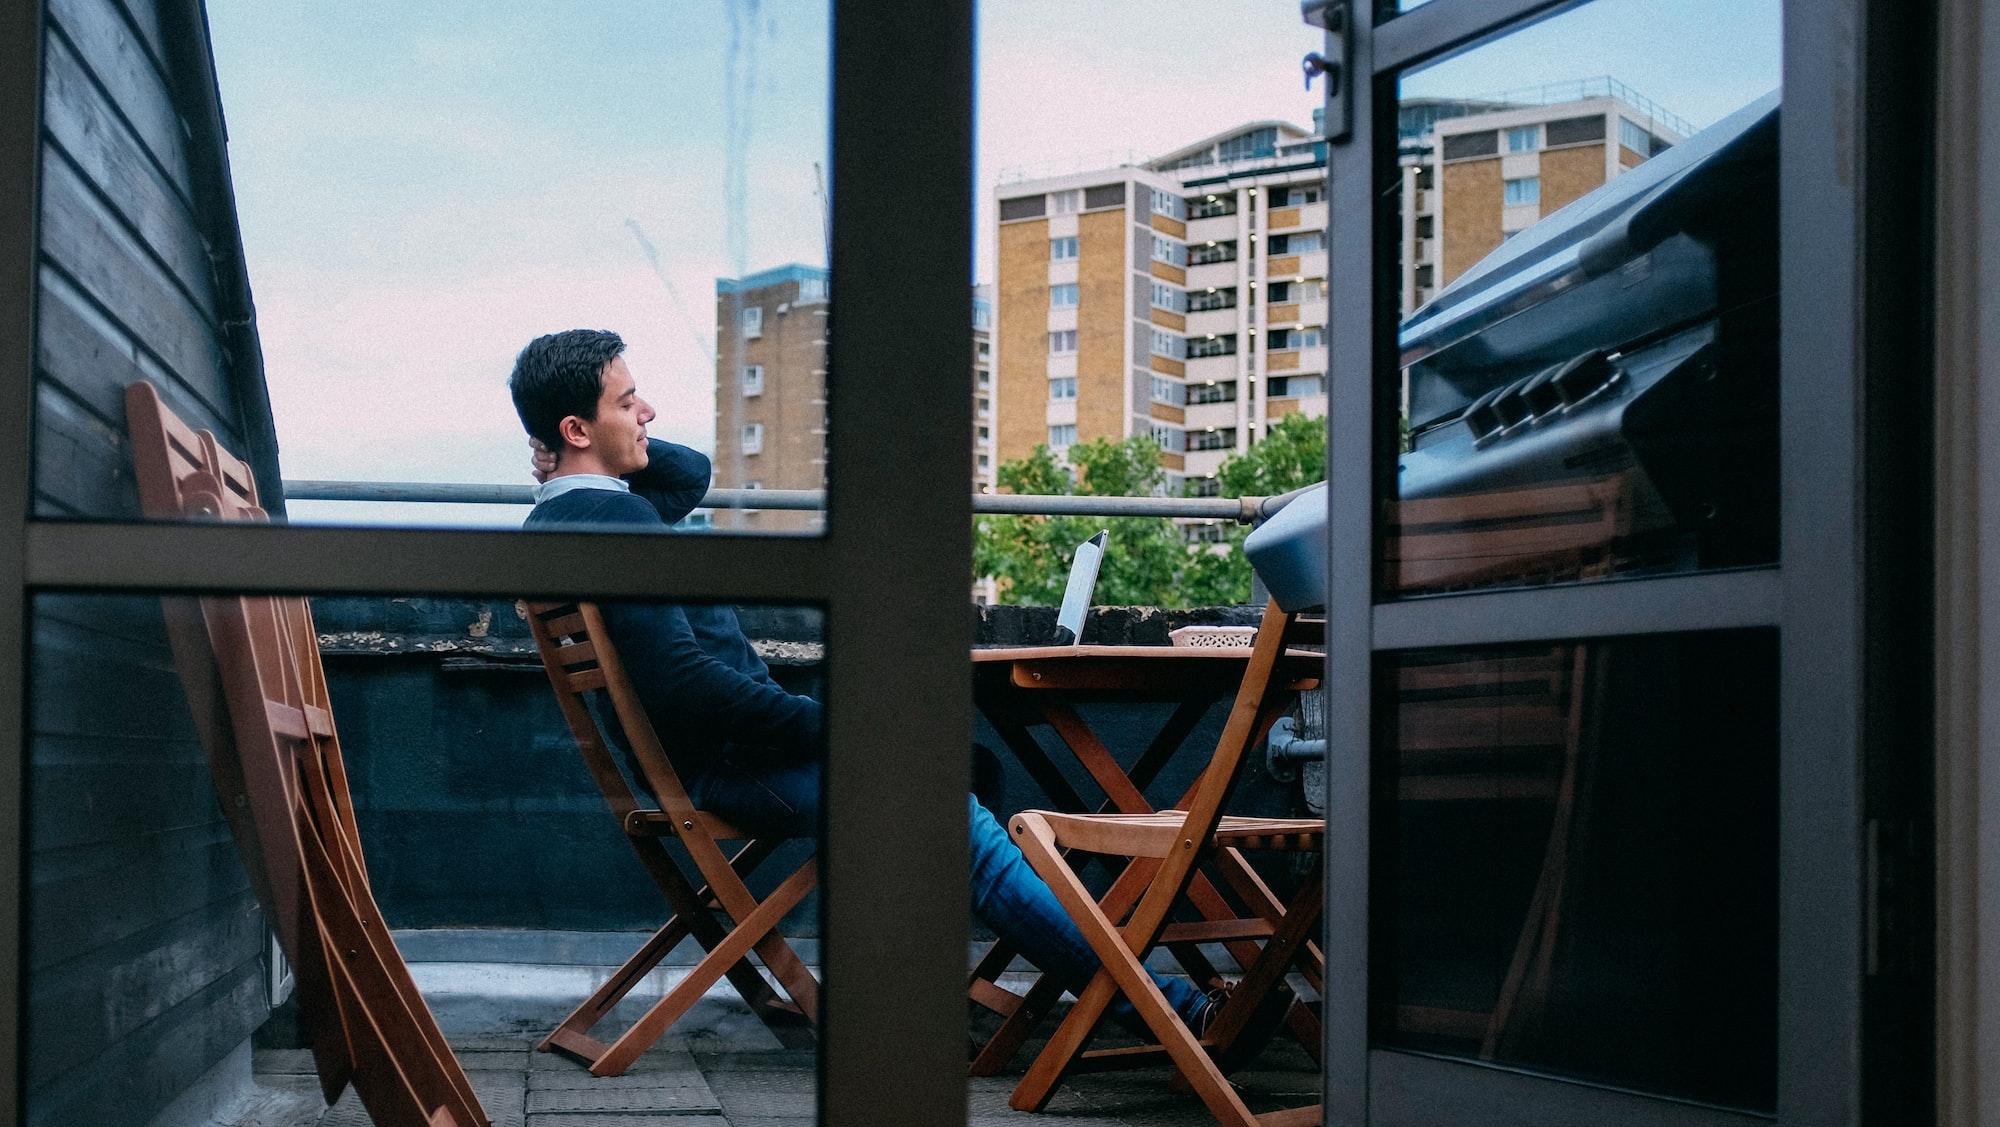 Мужчина на стуле - поза для фотографии